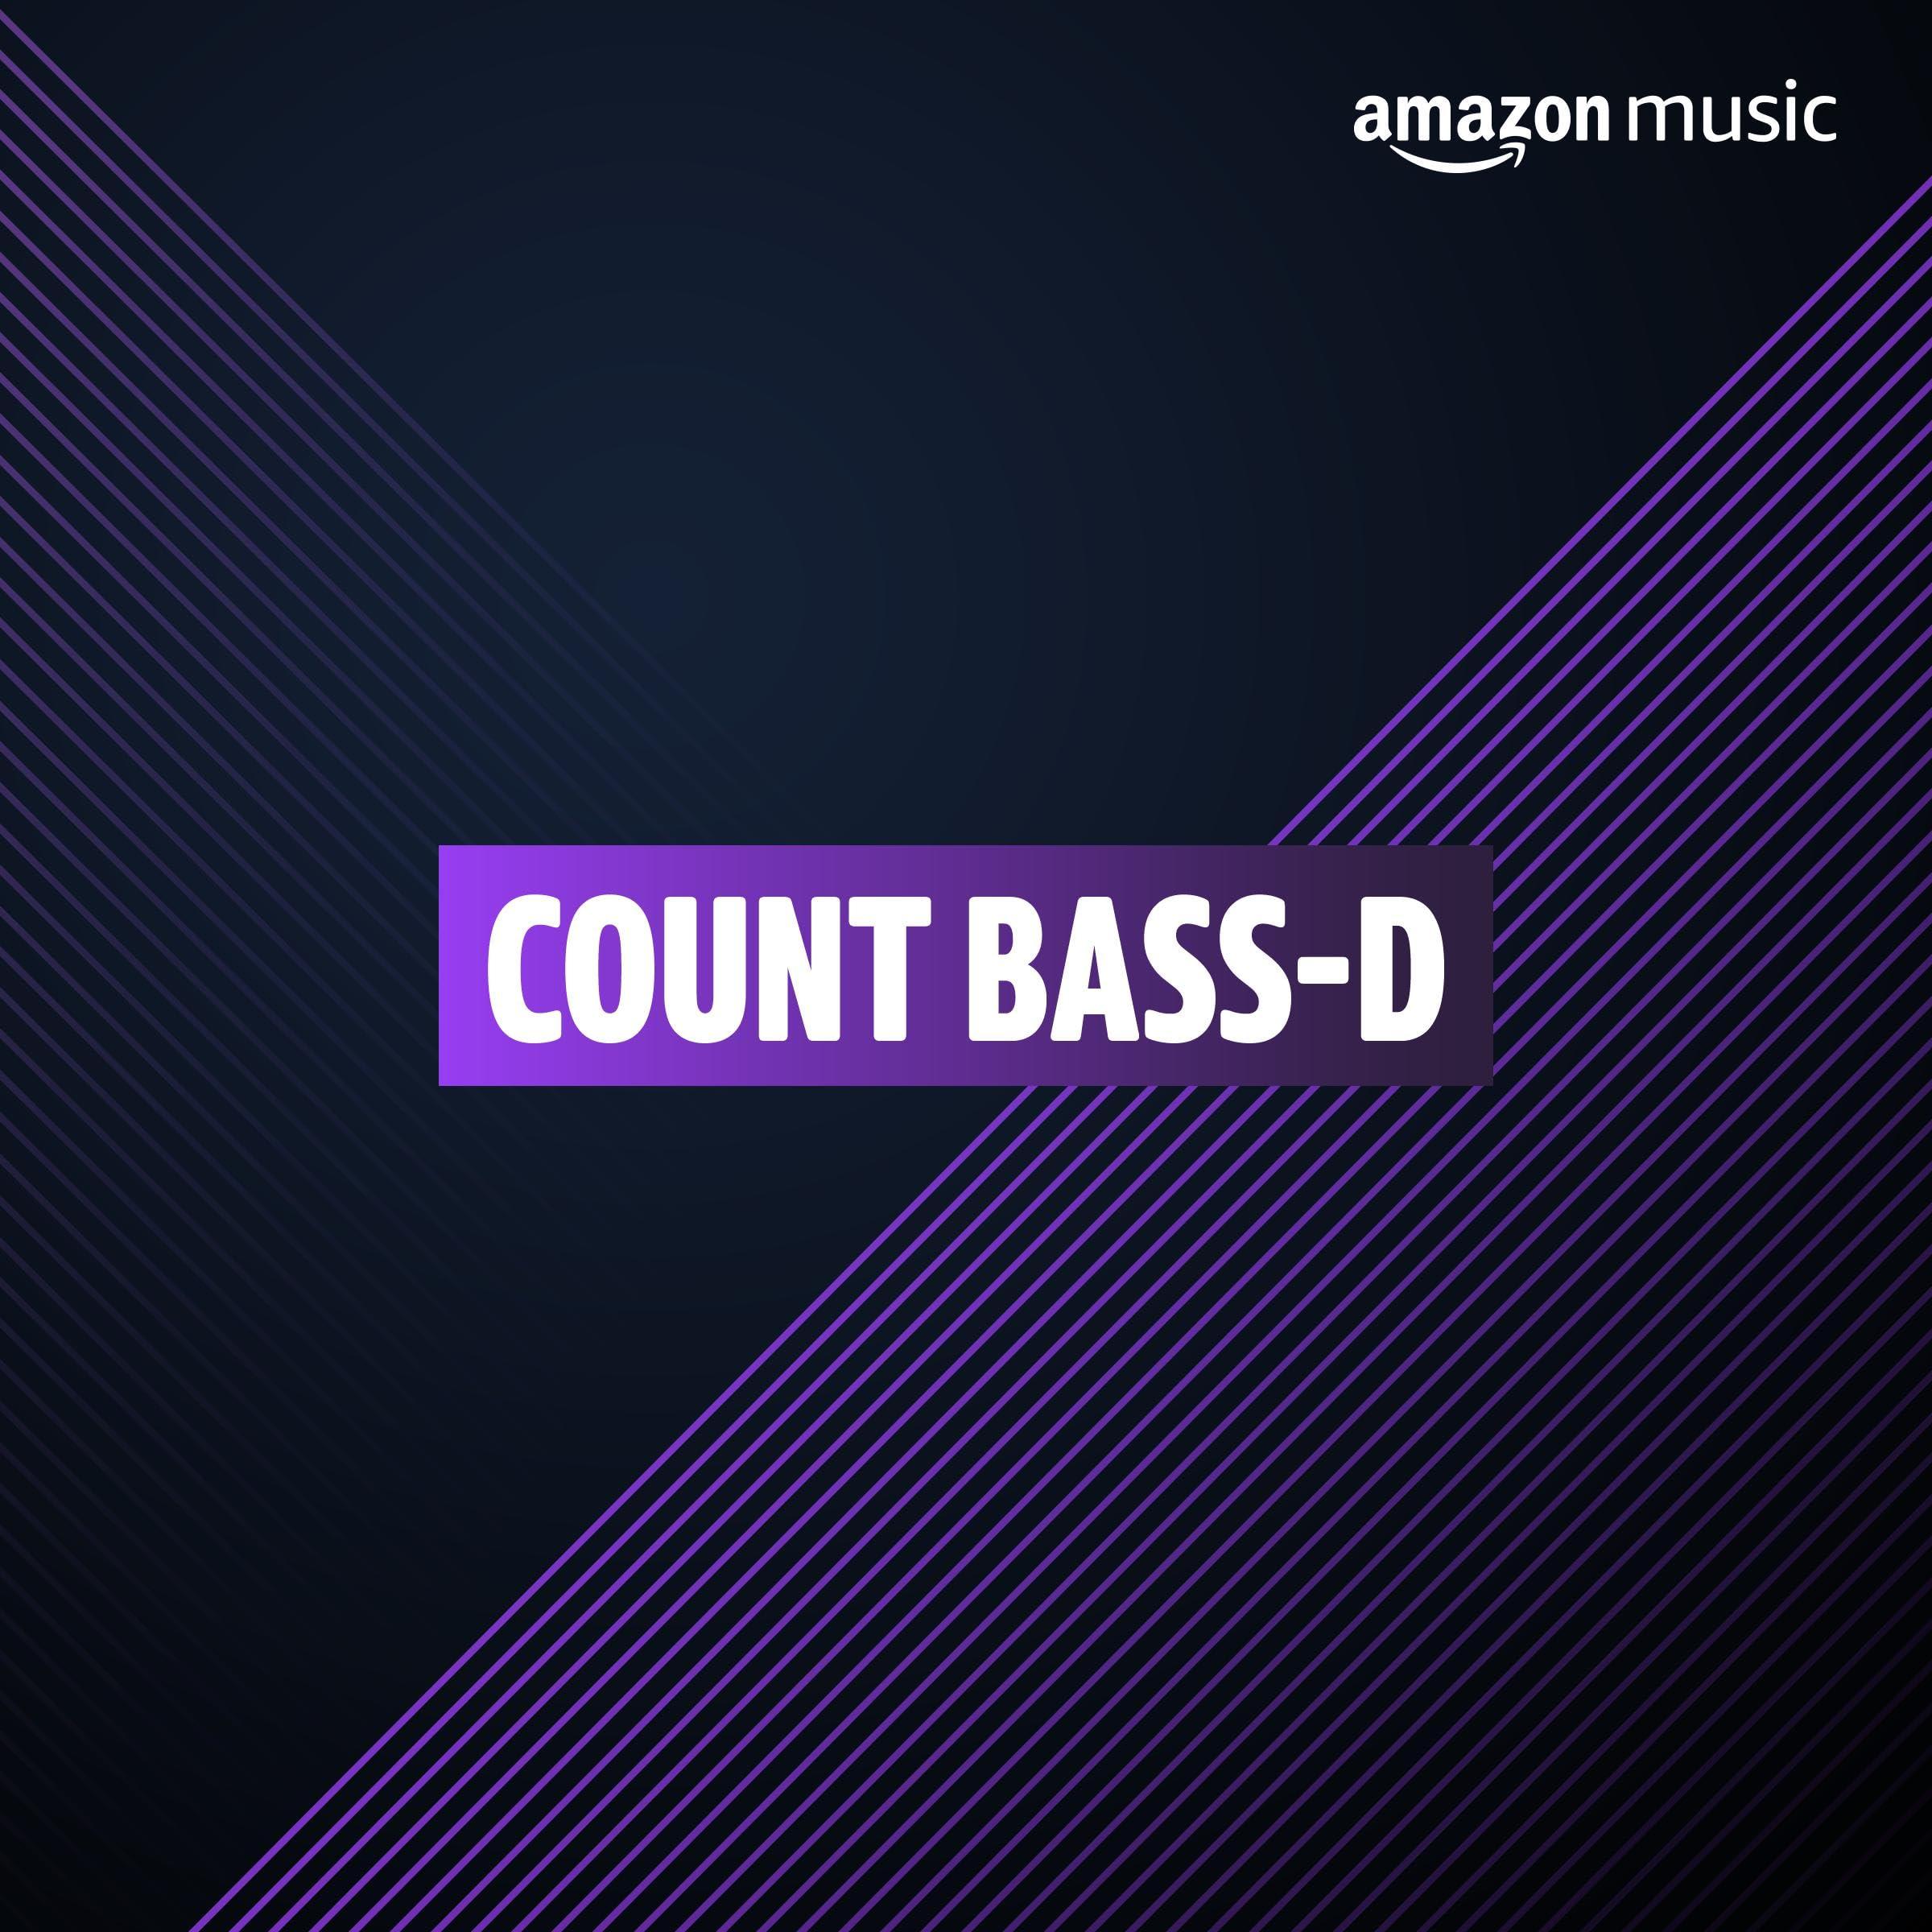 Count Bass-D